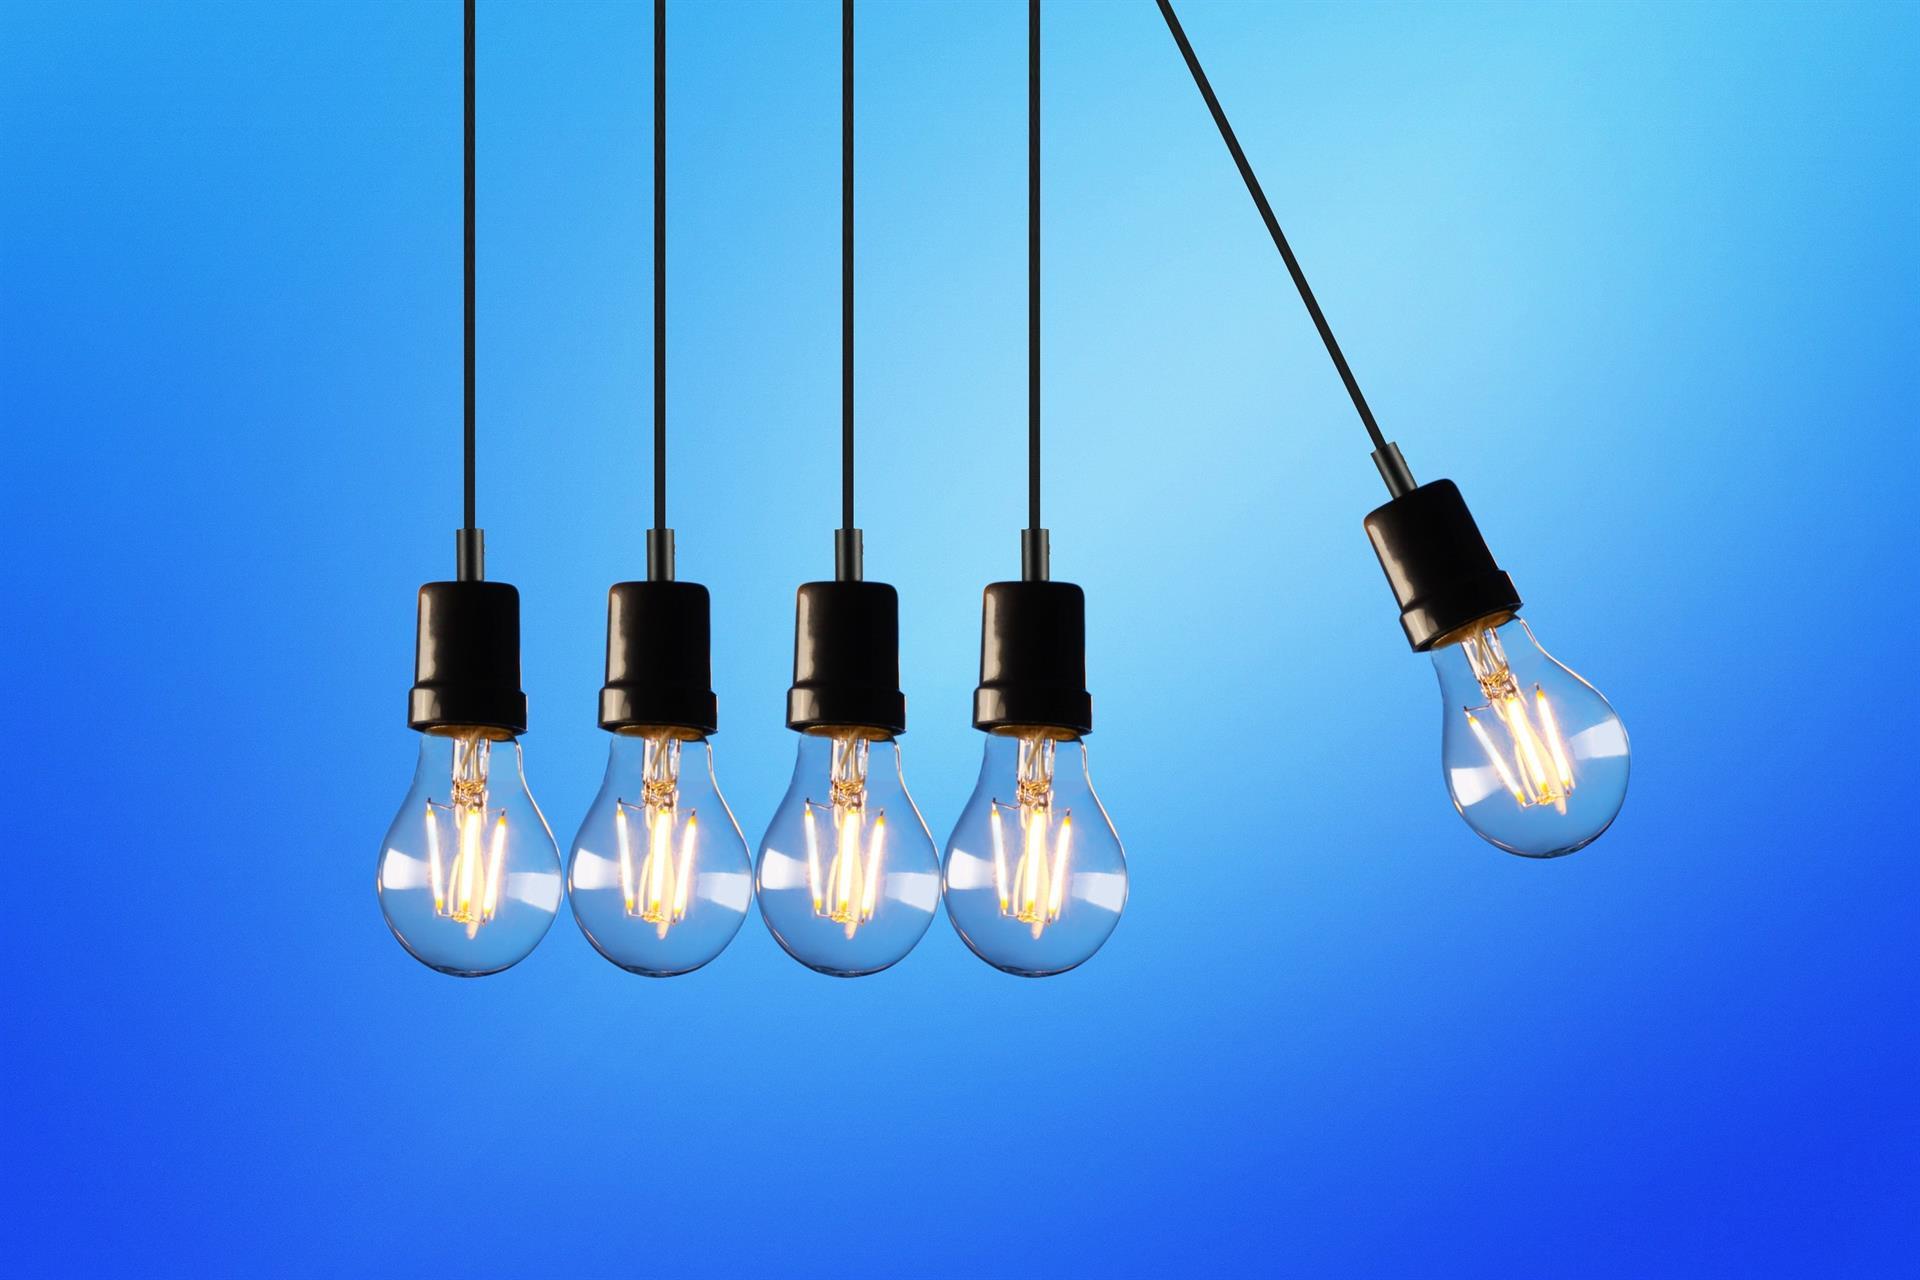 ¿Cómo aprovecharse de la subida de la luz? / Fuente: XTB